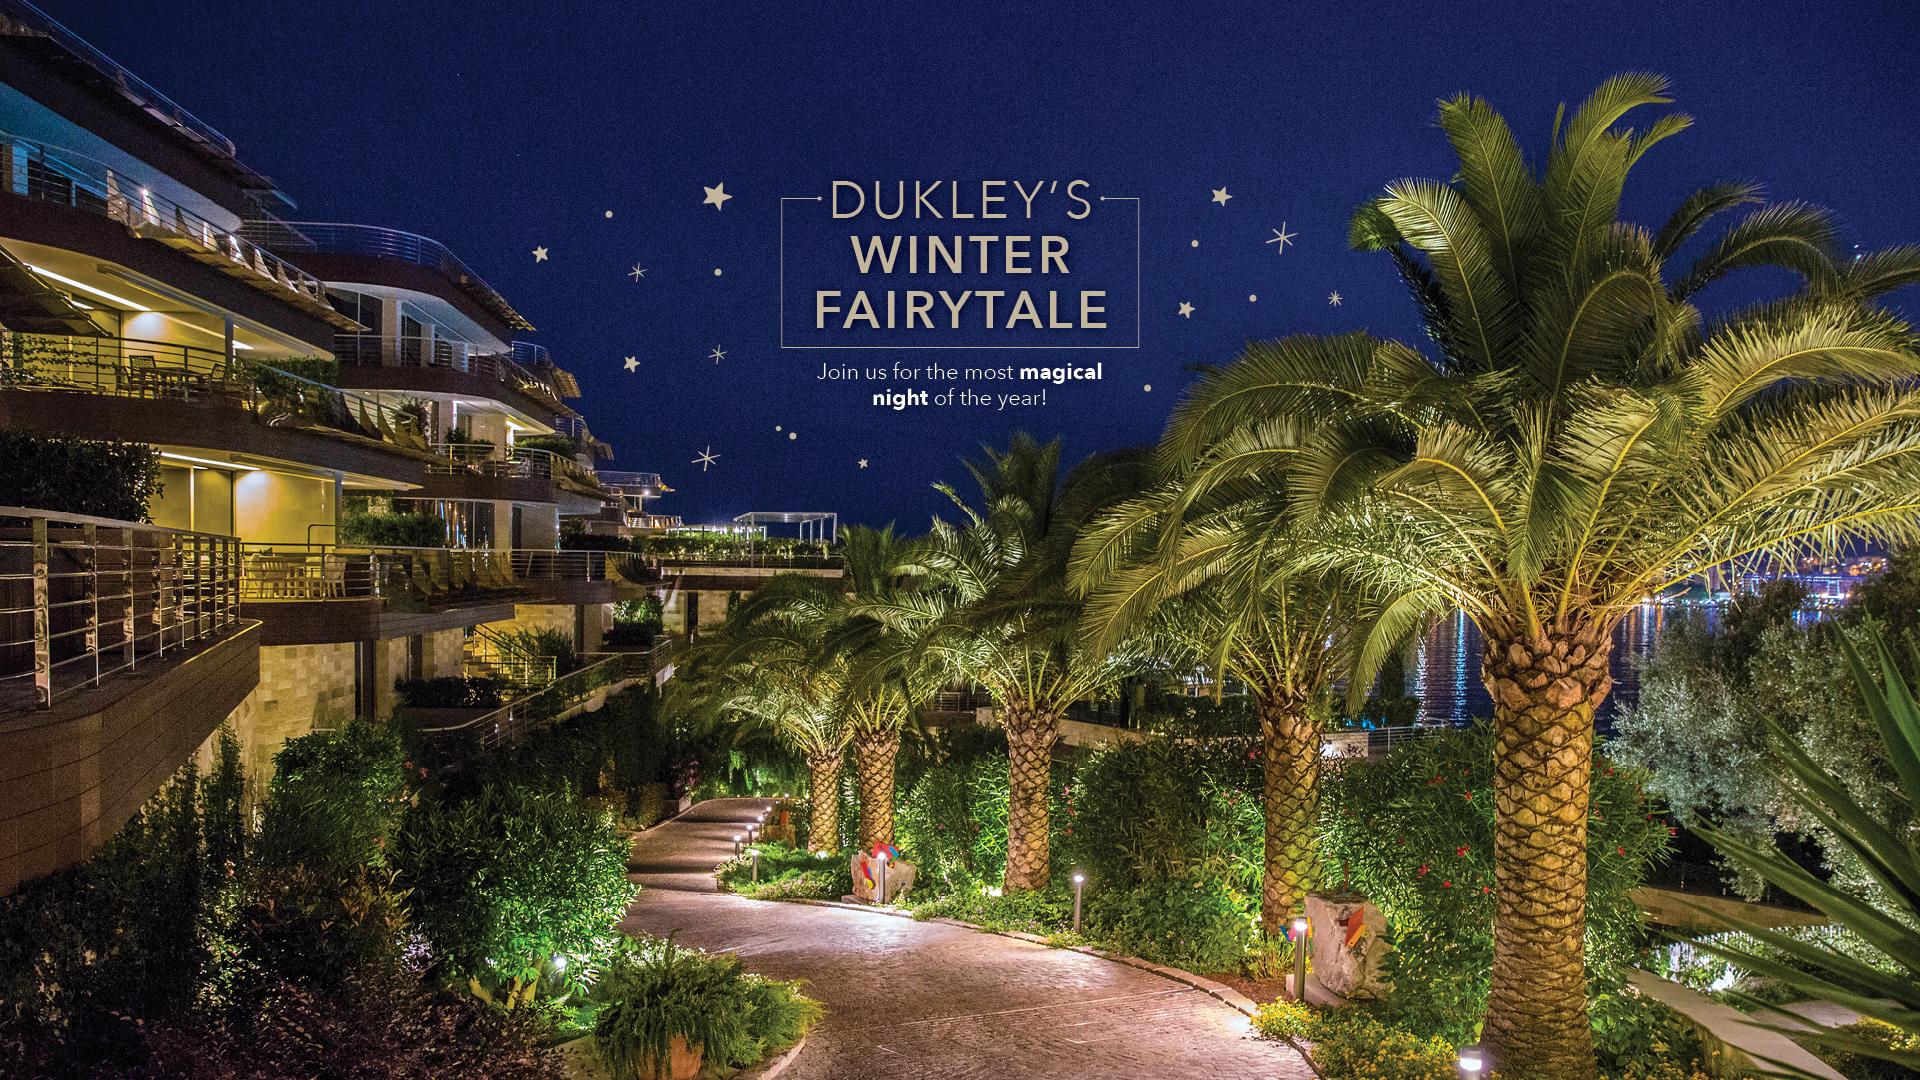 Dukley's Winter Fairytale